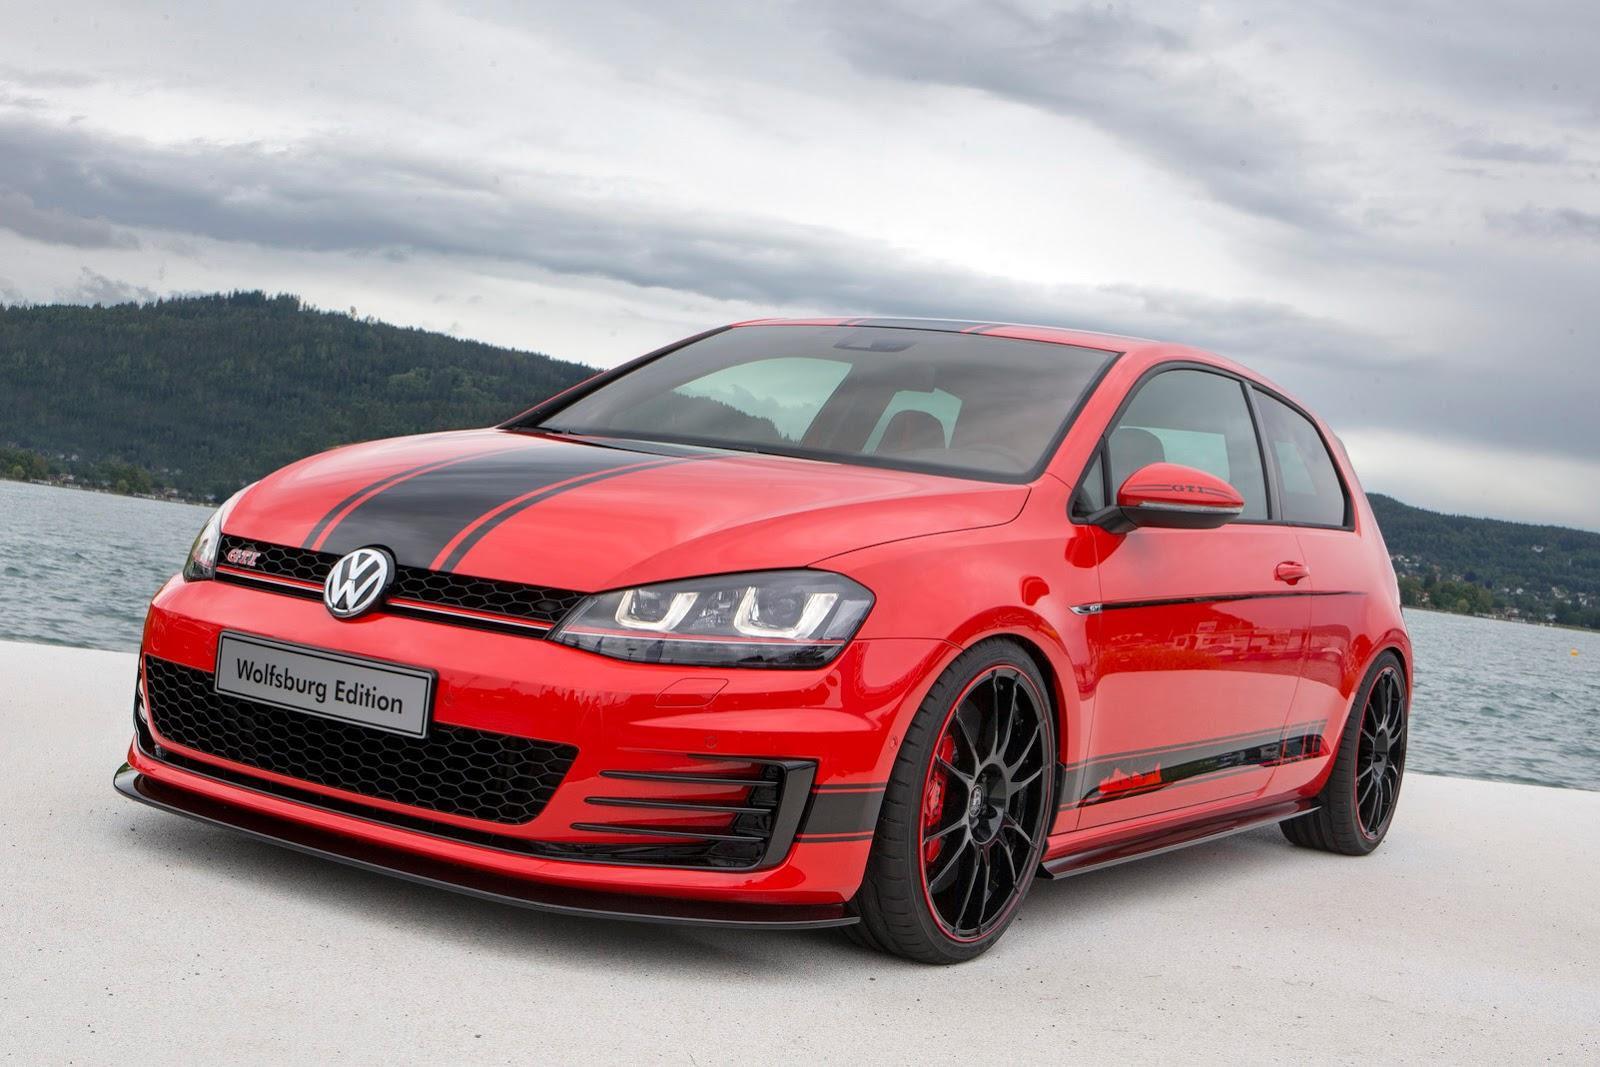 VW GTI Wolfsburg, Golf SportWagen Concepts Star At Wörthersee